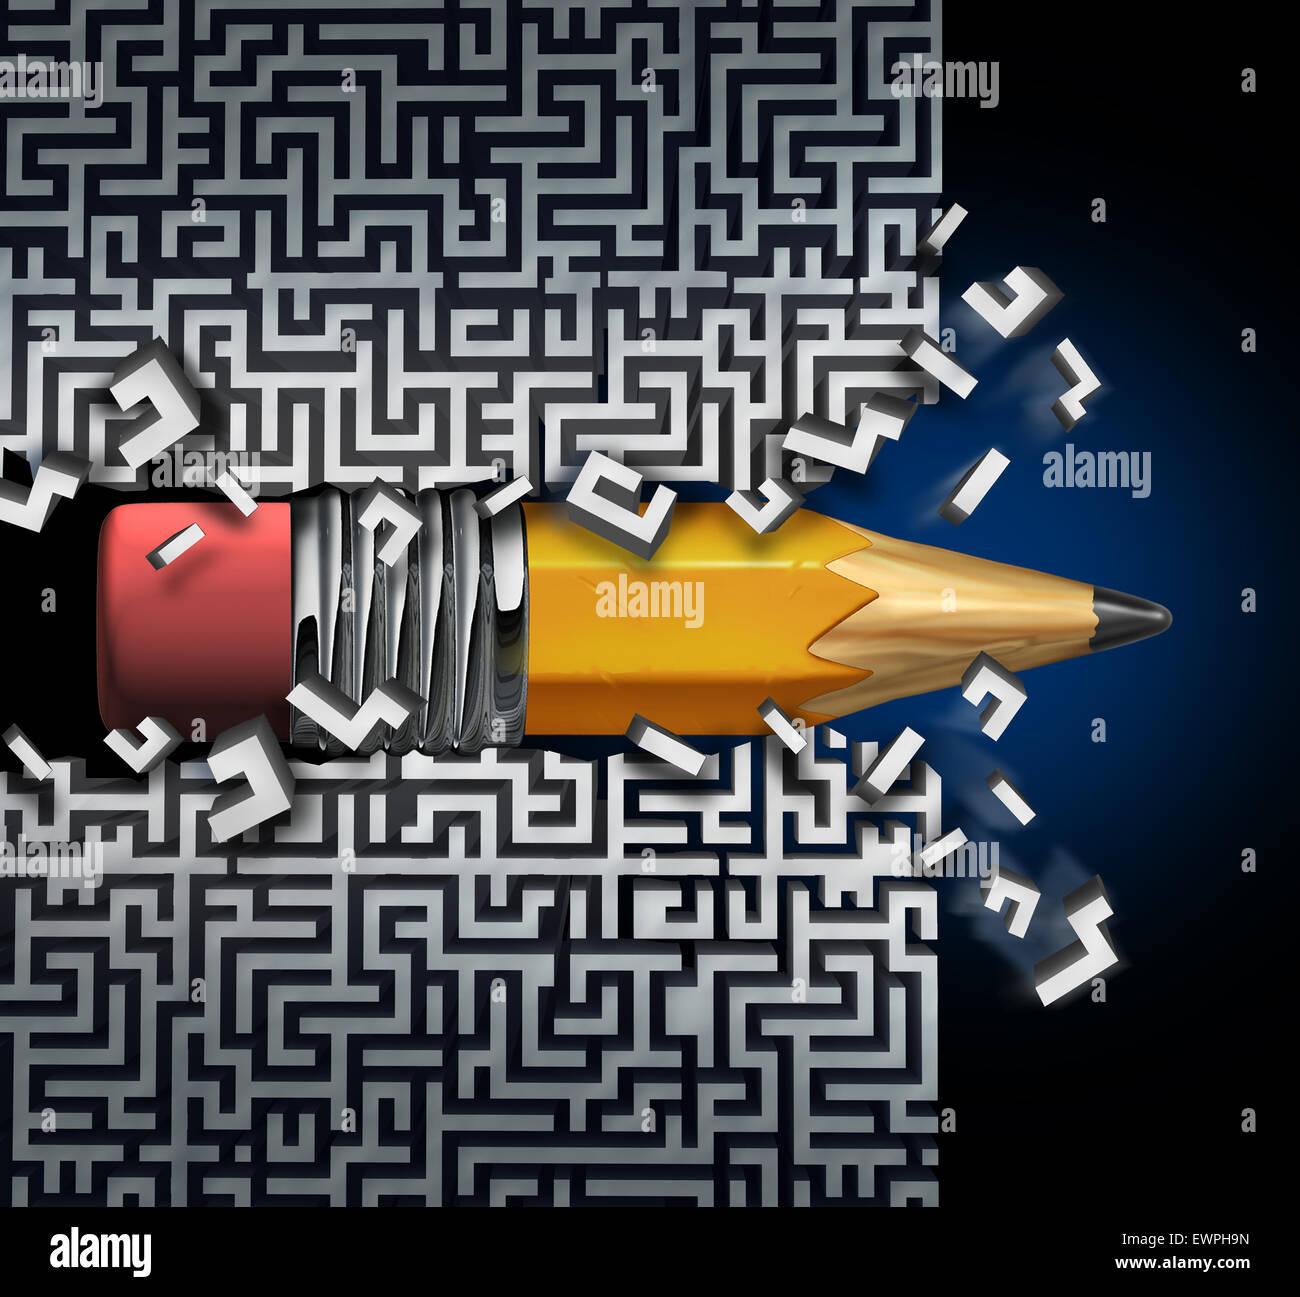 Soluzione innovativa piano come una matita cercando di trovare vie di uscita del Maze di rottura attraverso il labirinto Immagini Stock